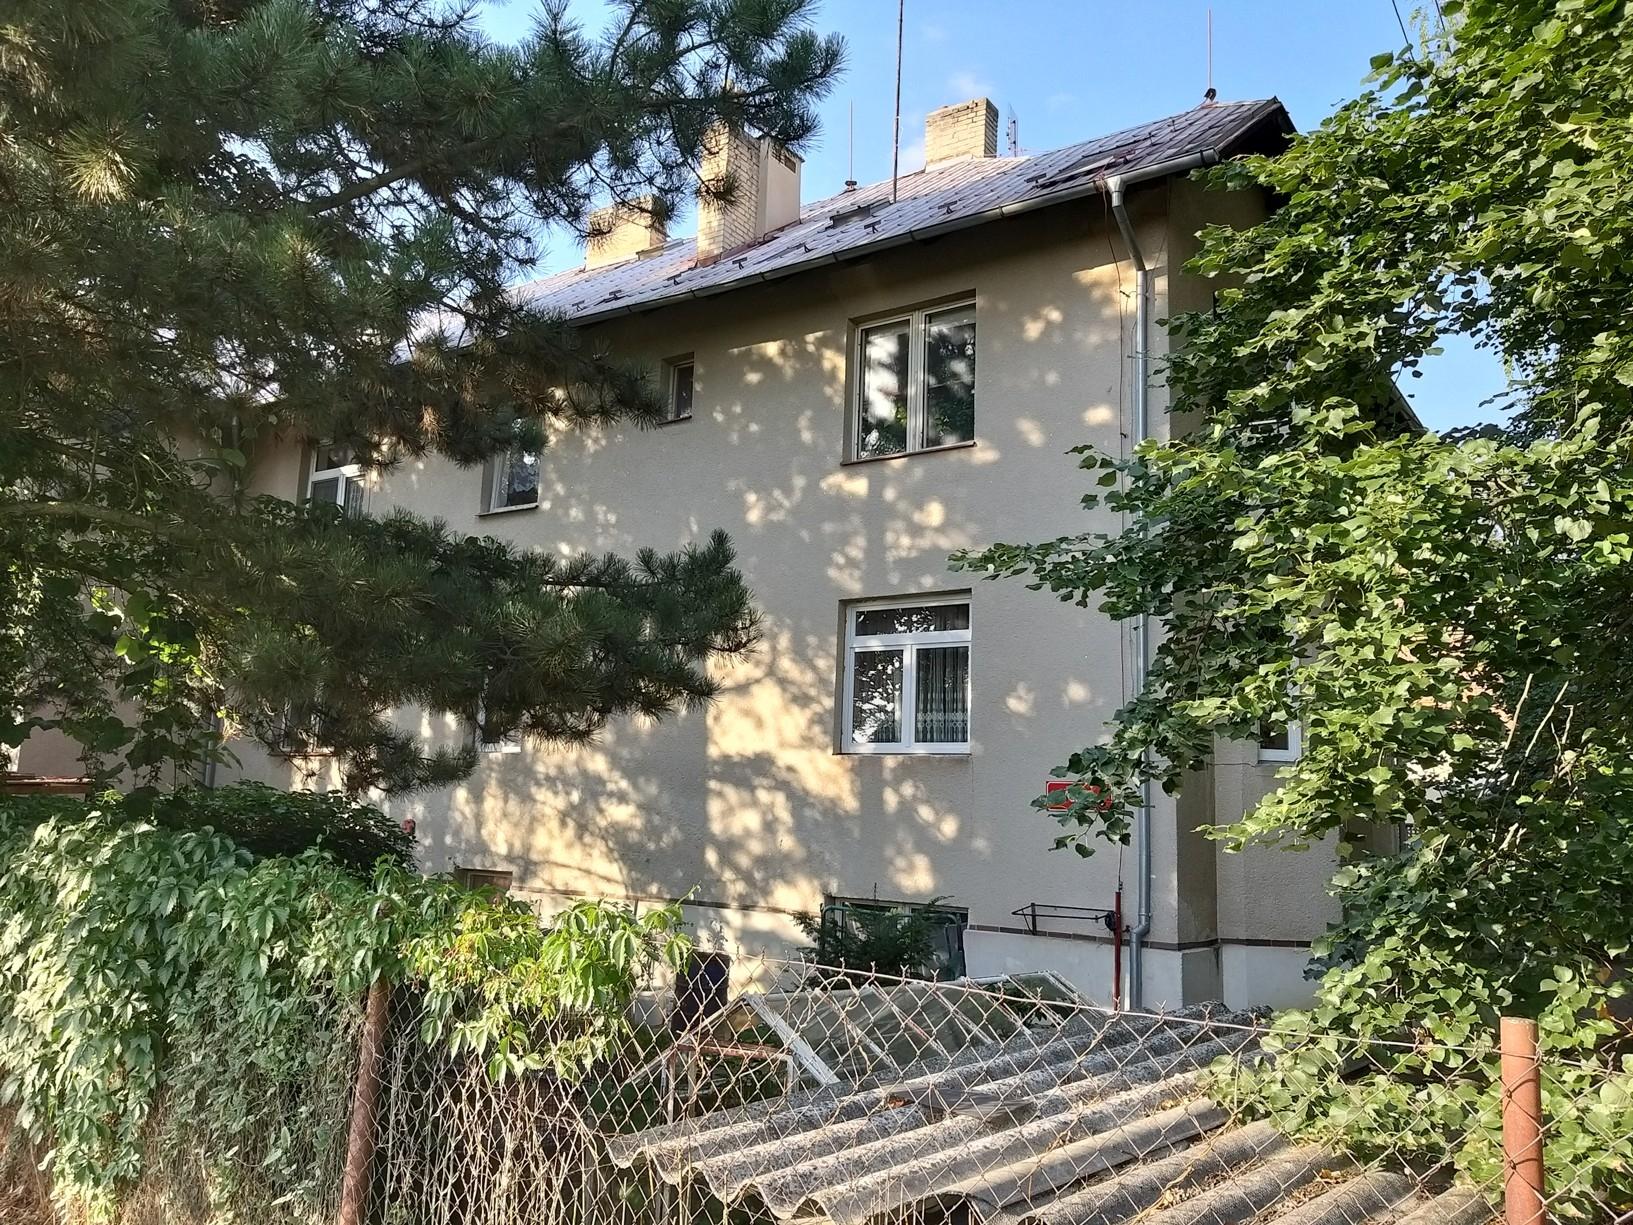 Byt 1 + 1 Horní Bříza